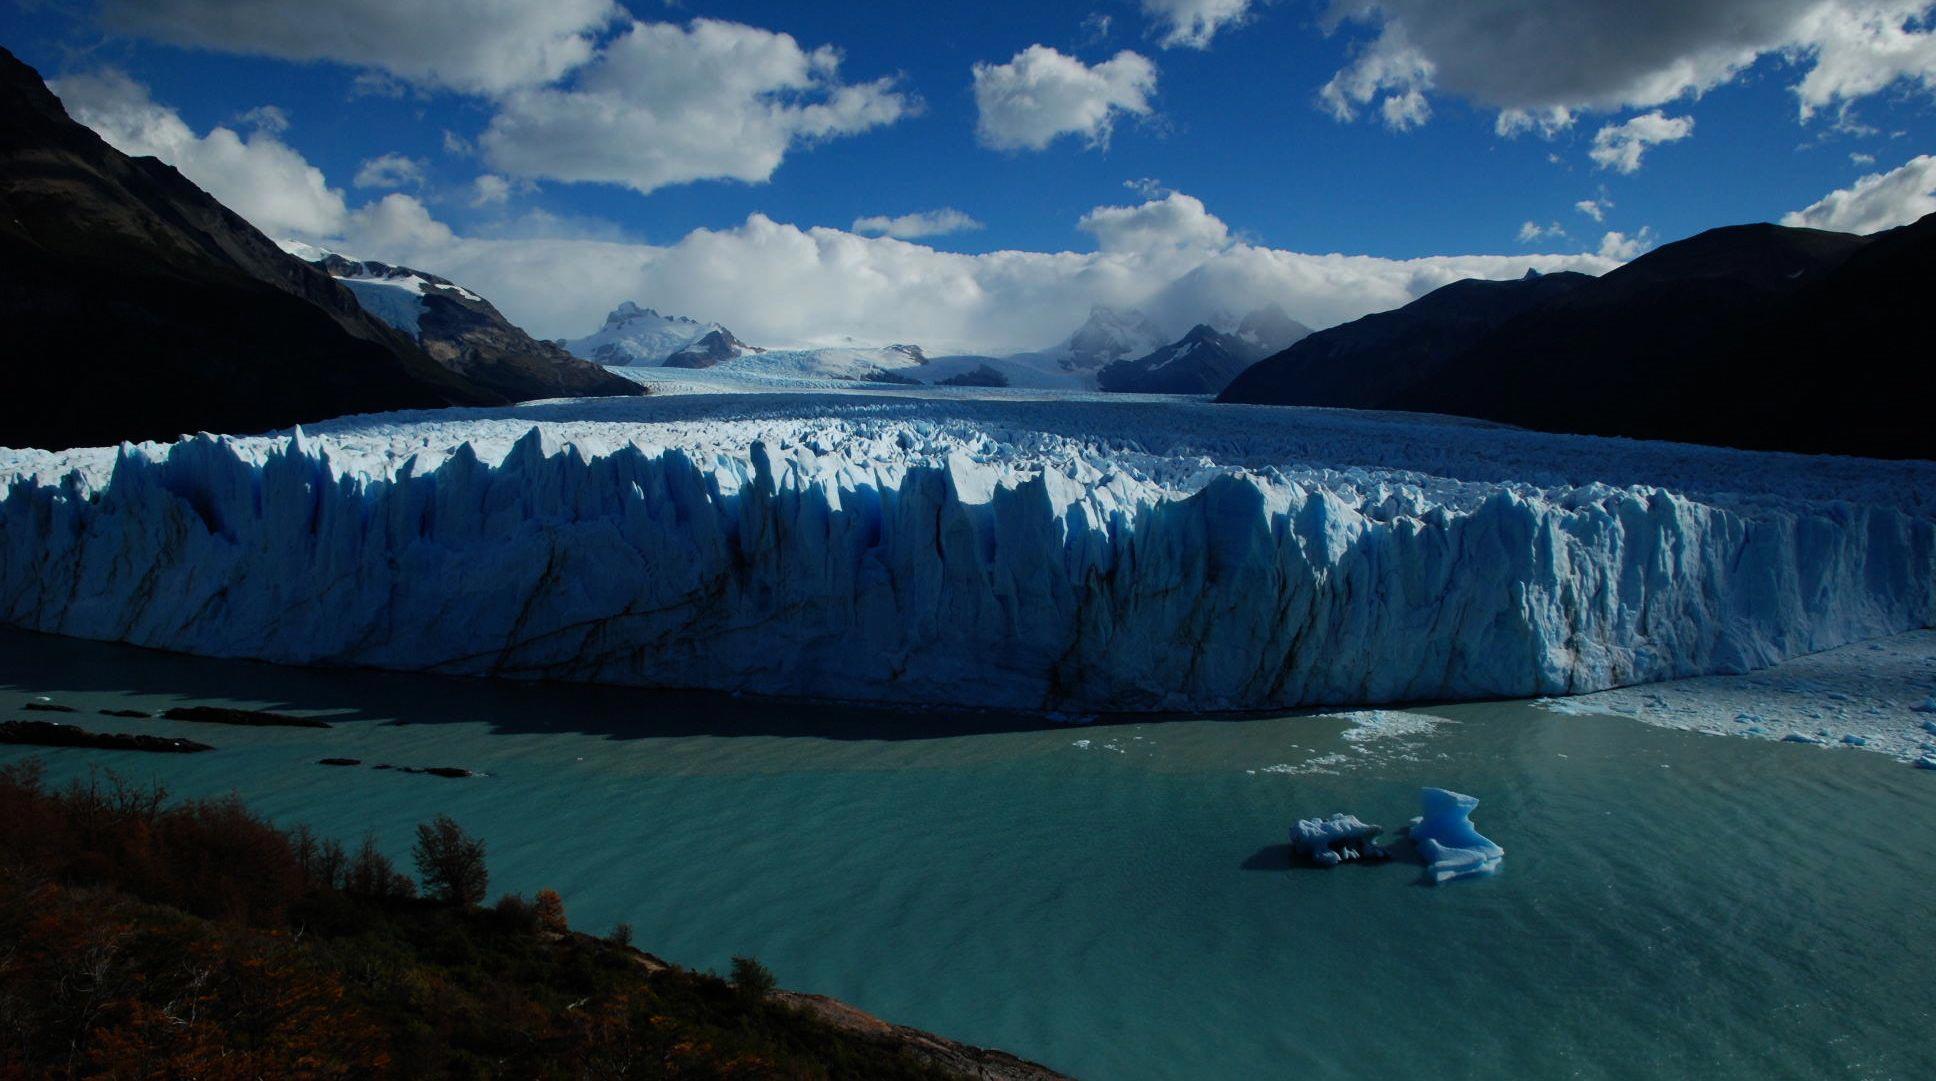 Glacier El Calafate